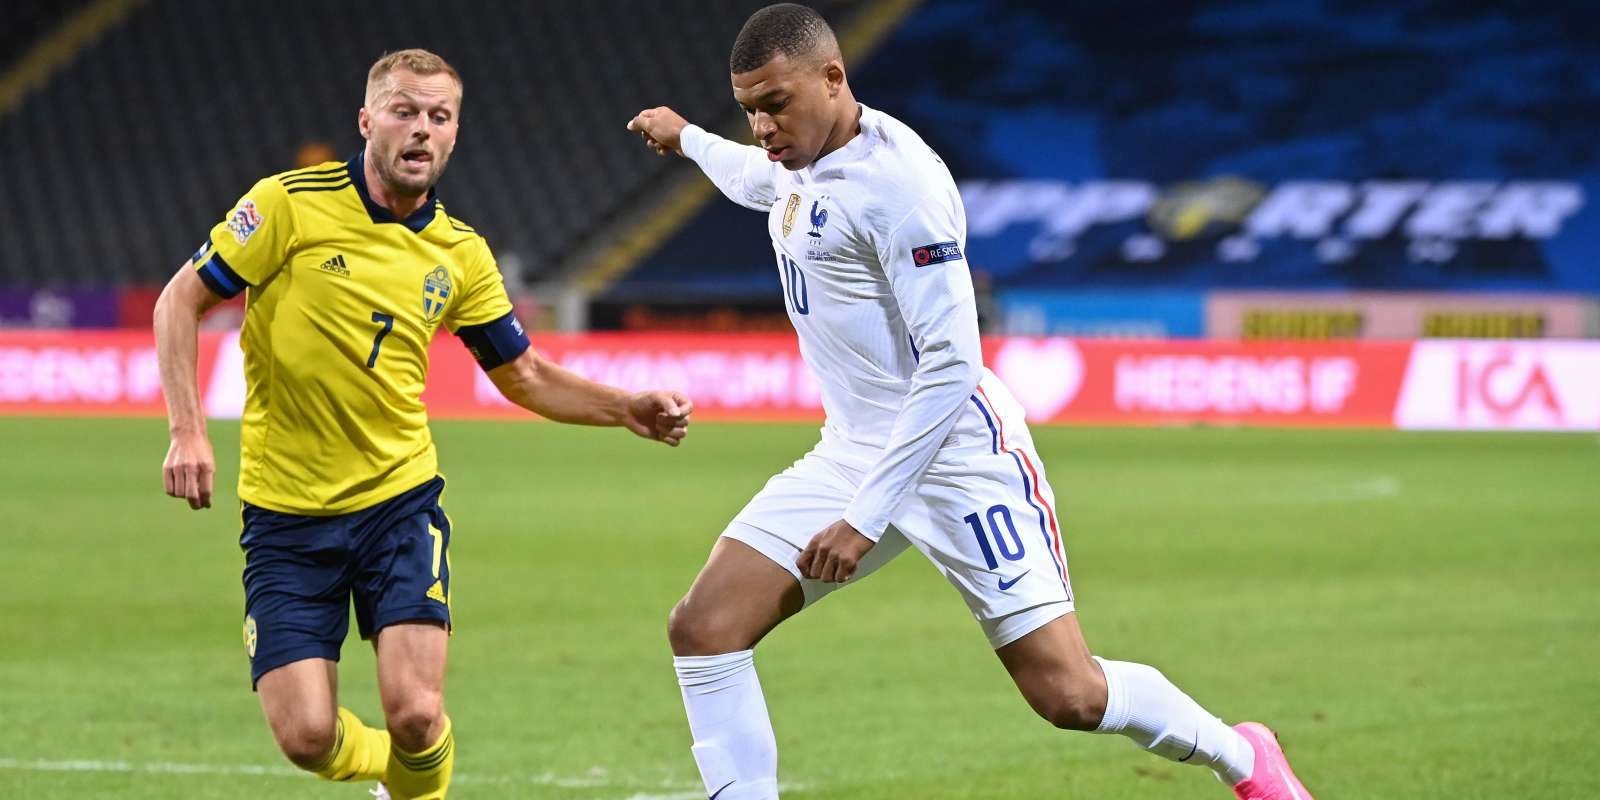 Ligue Des Nations En Direct La France S Impose 1 0 Face A La Suede Grace A Un But De Kylian Mbappe